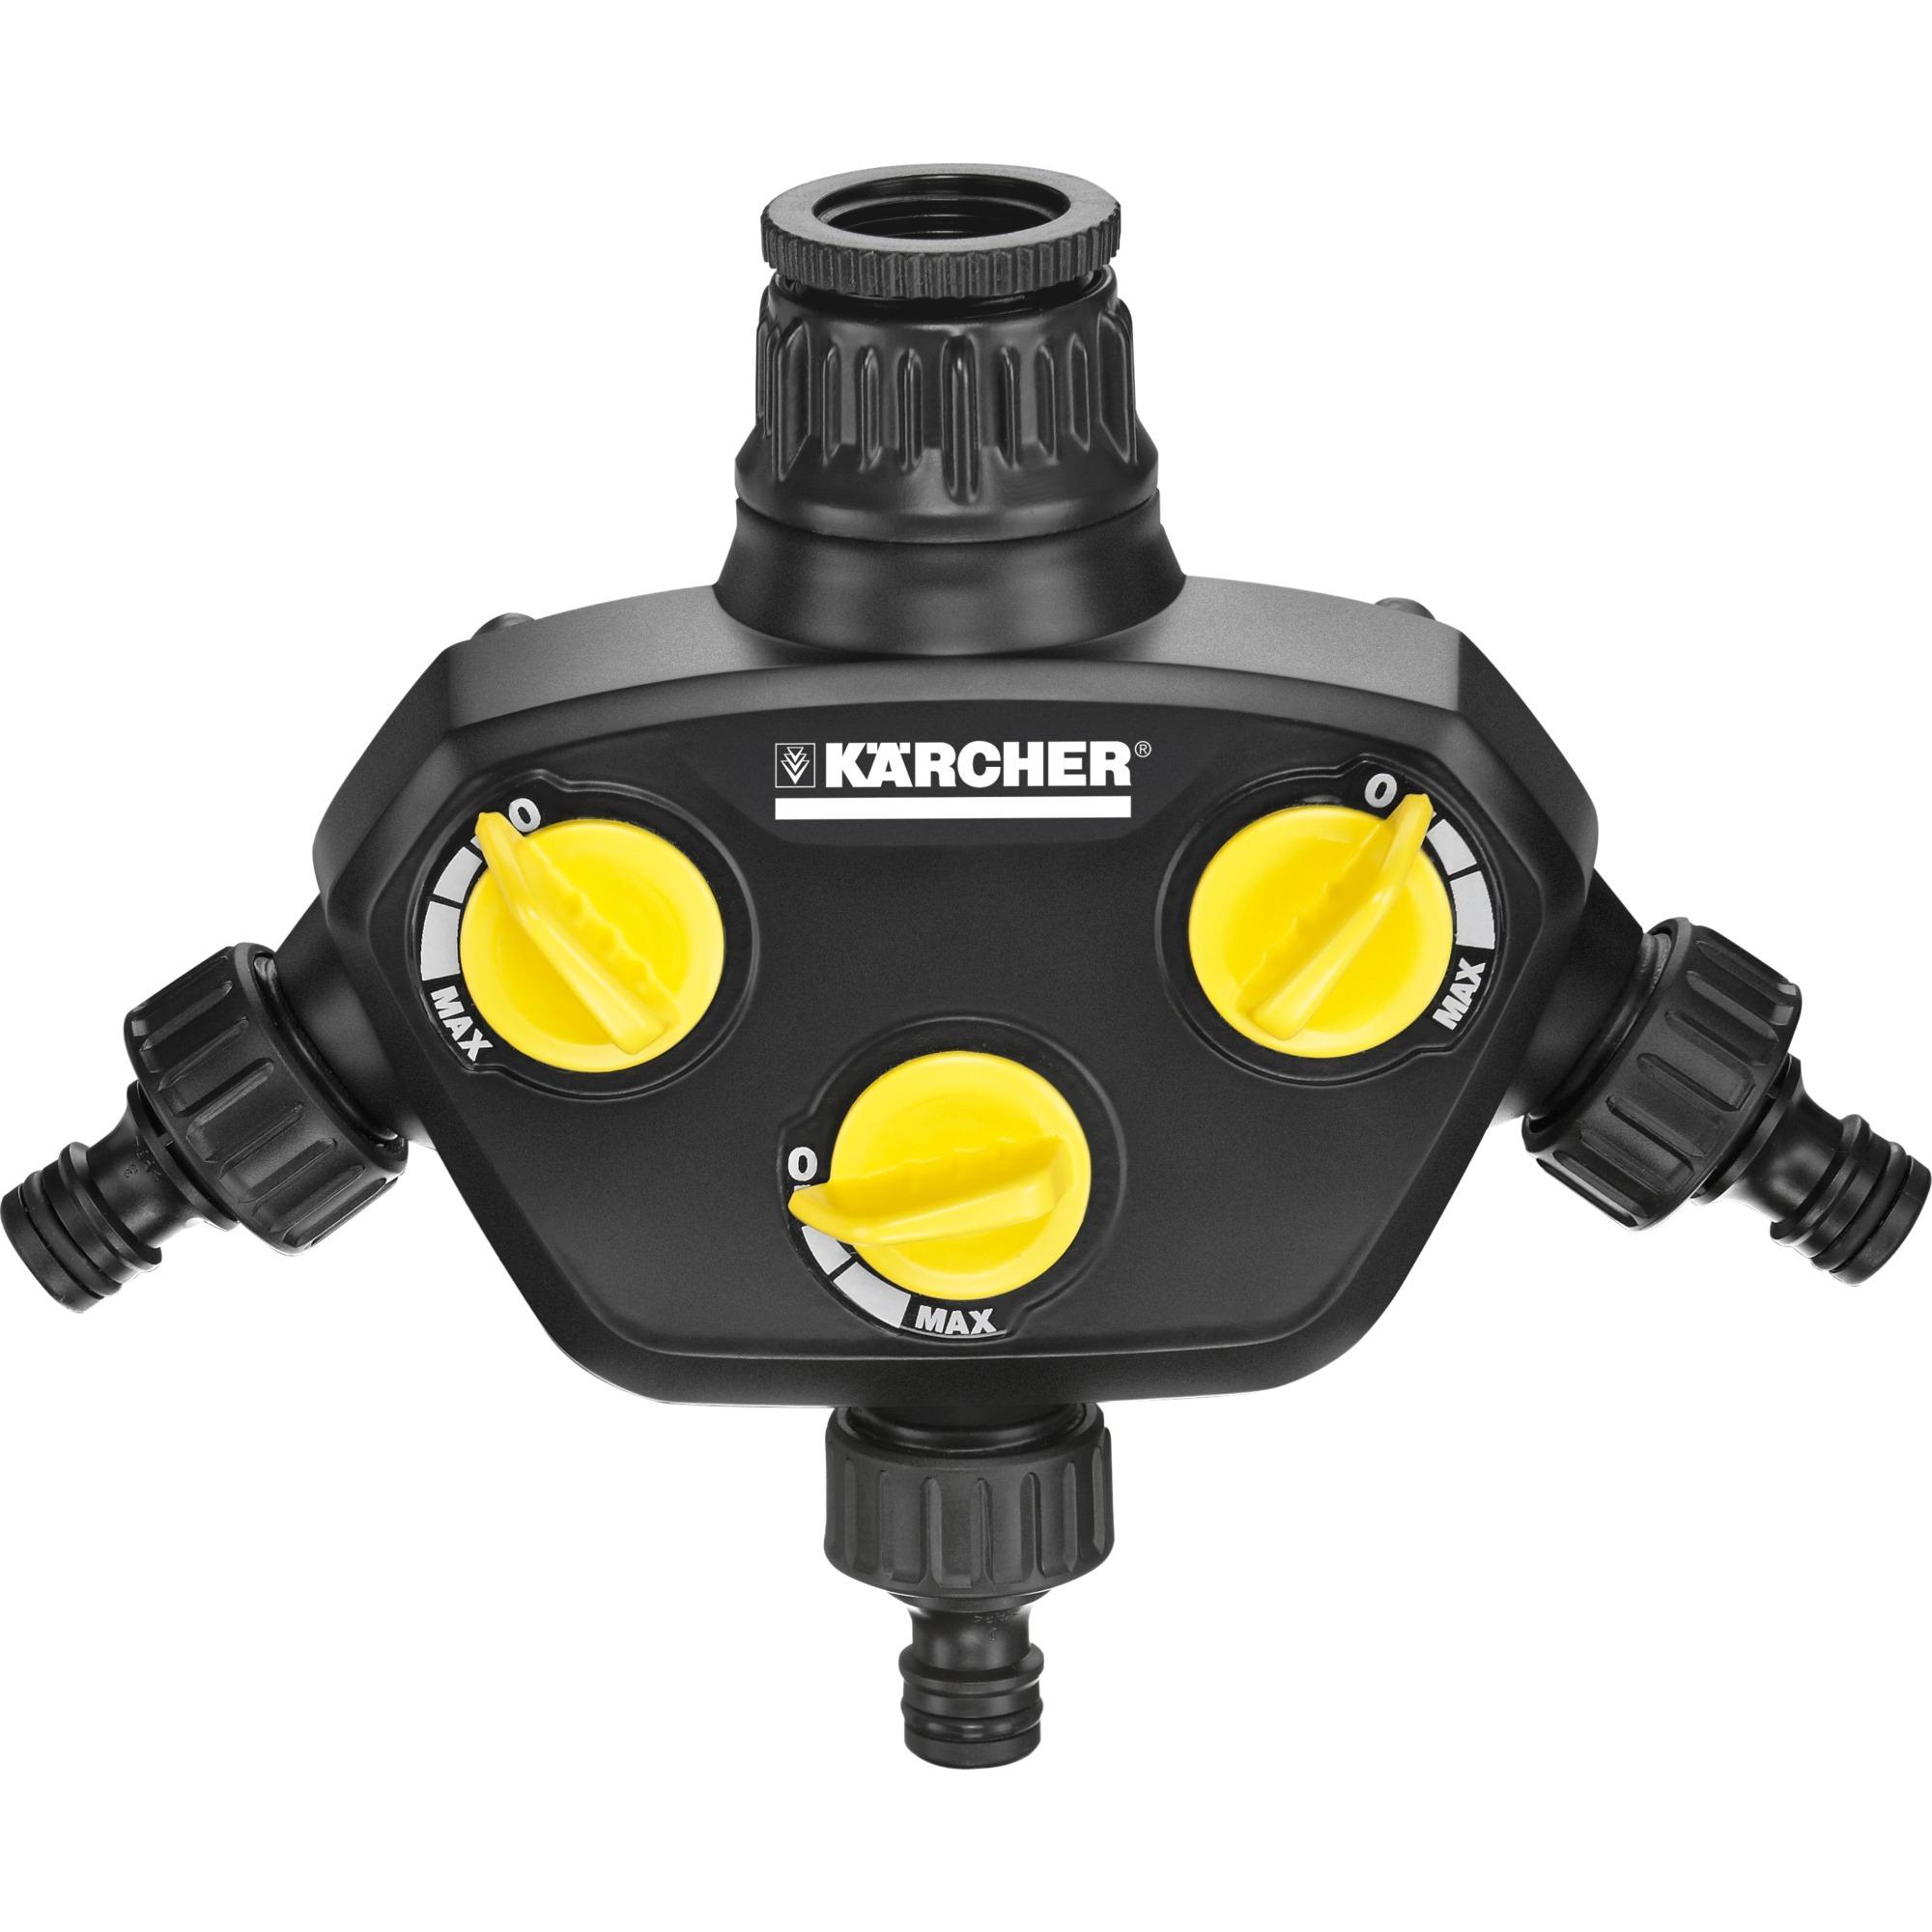 2645-2000-tilbehor-til-vandpumpe-ventil-stykker